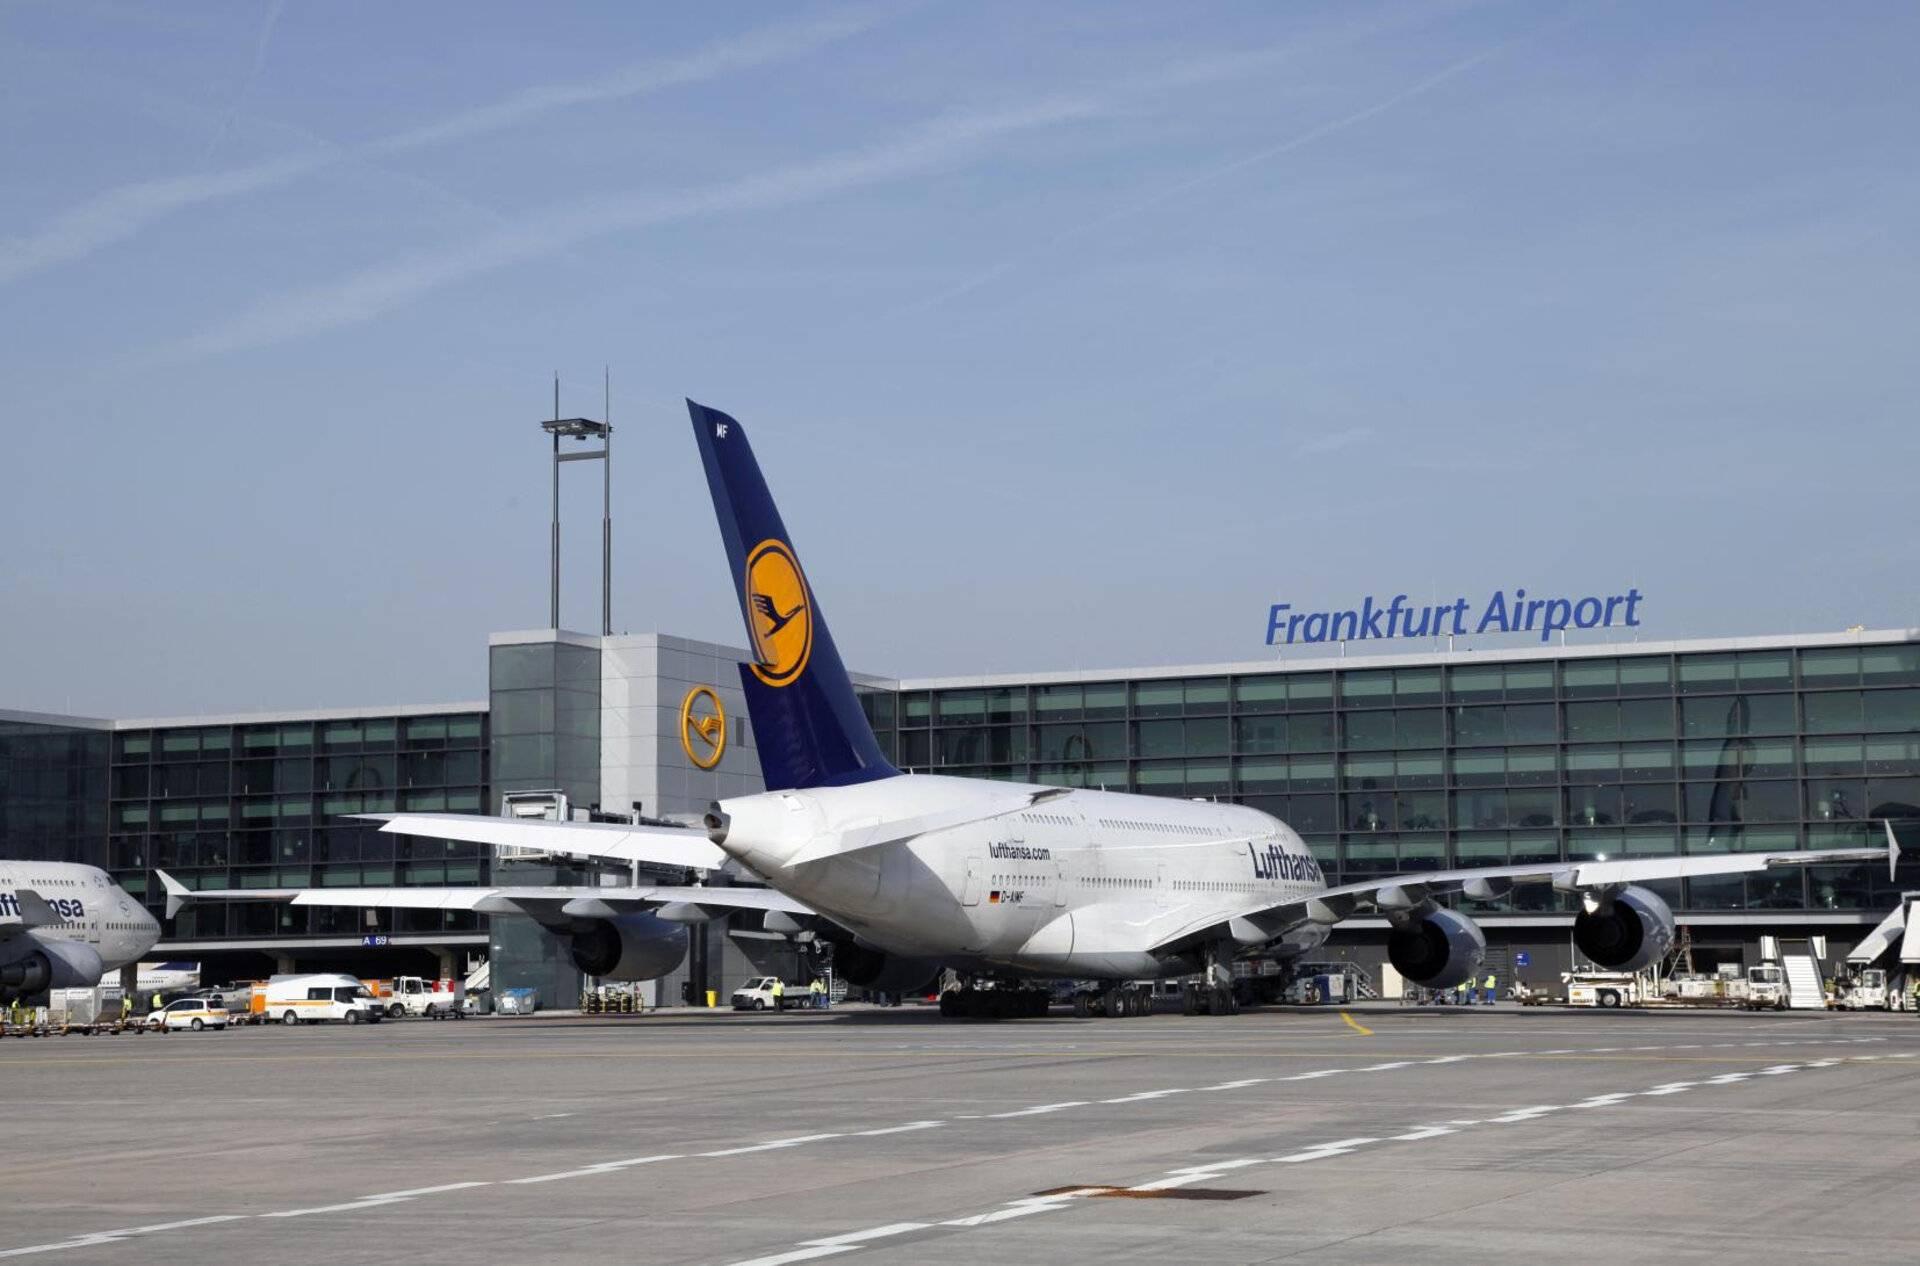 Франкфурт-на-майне аэропорт